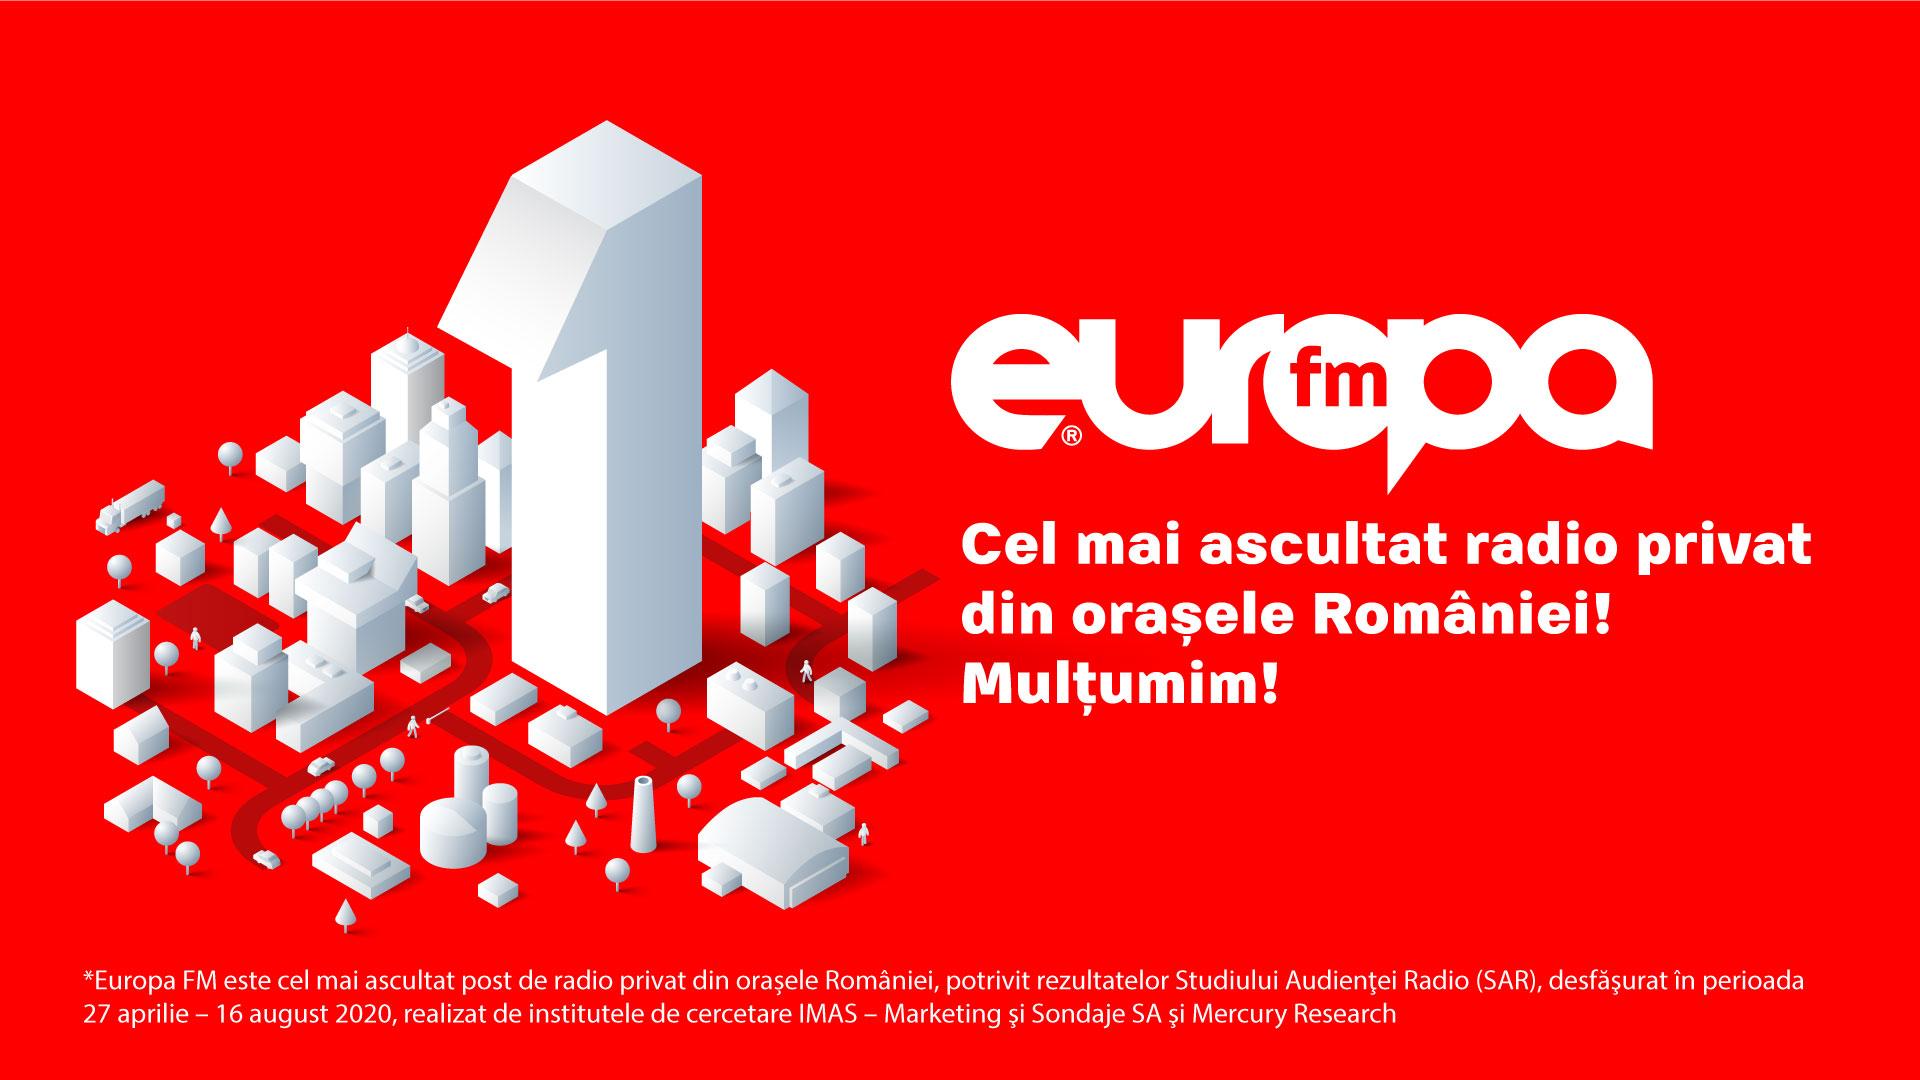 Europa FM este în continuare cel mai ascultat radio privat în orașele țării